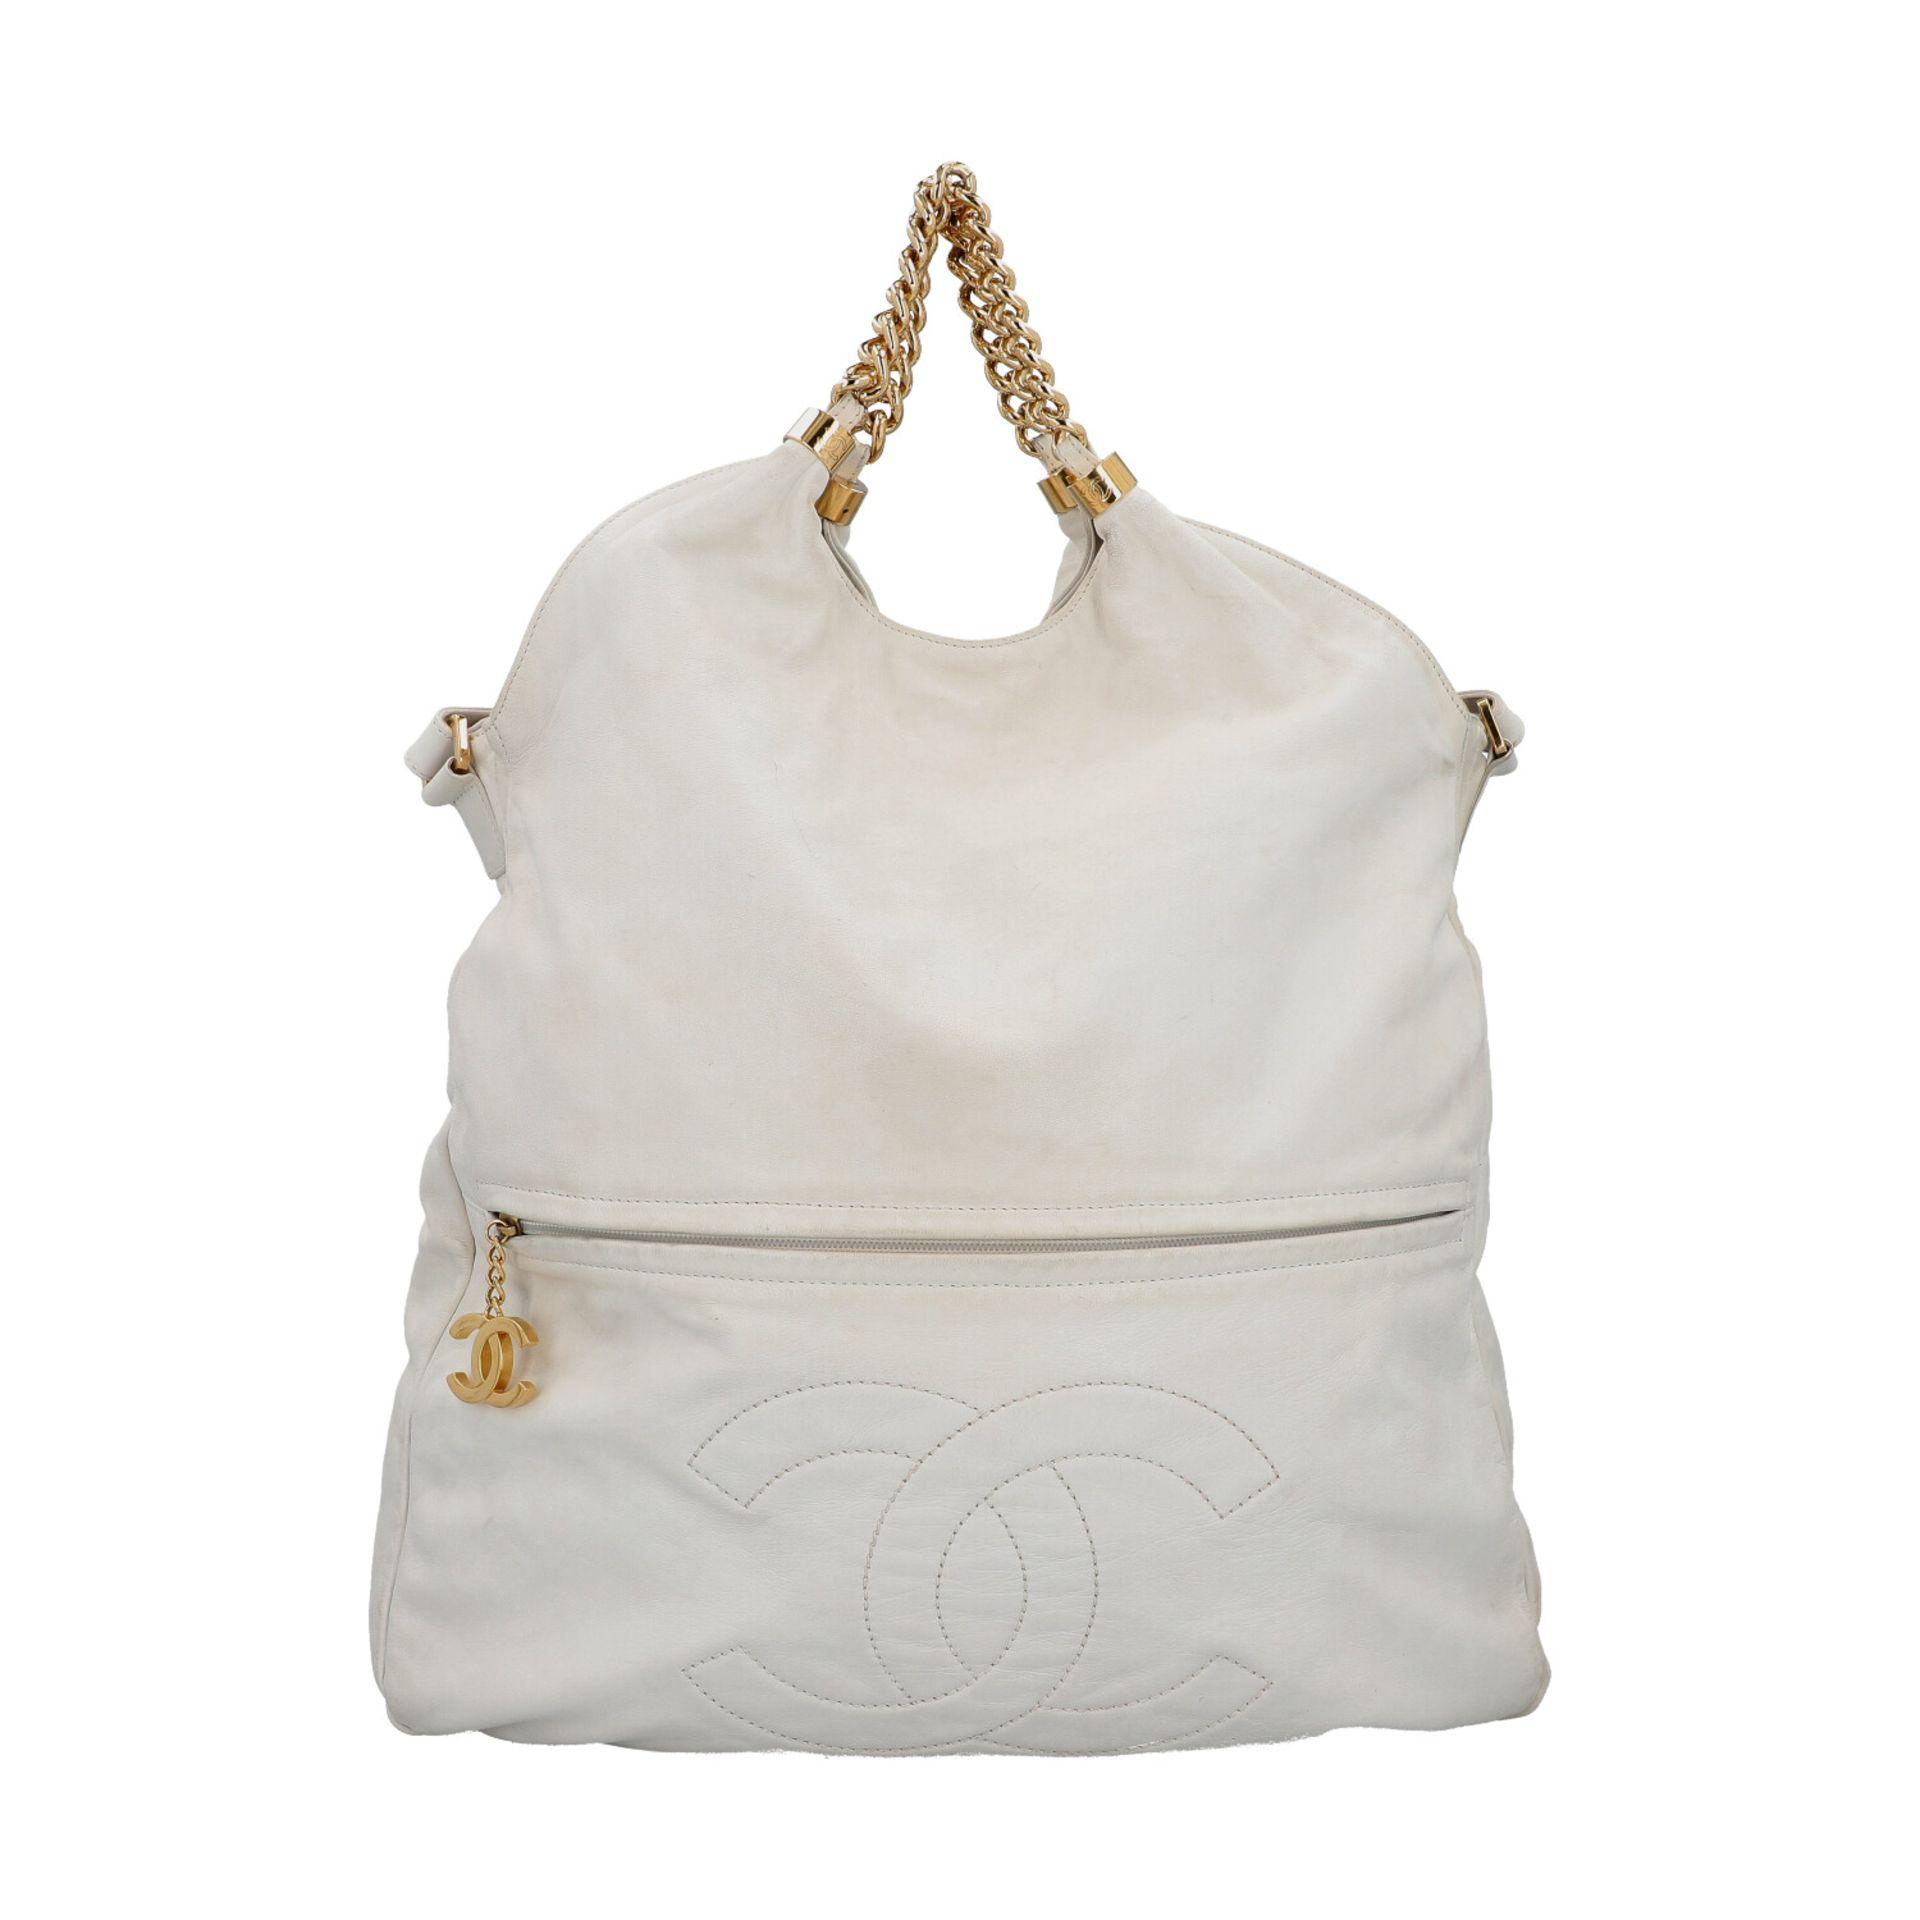 CHANEL Shoppertasche, Koll. 2006/2008.Hobo Bag aus weißem Leder mit goldfarbener Hardware, Front mit